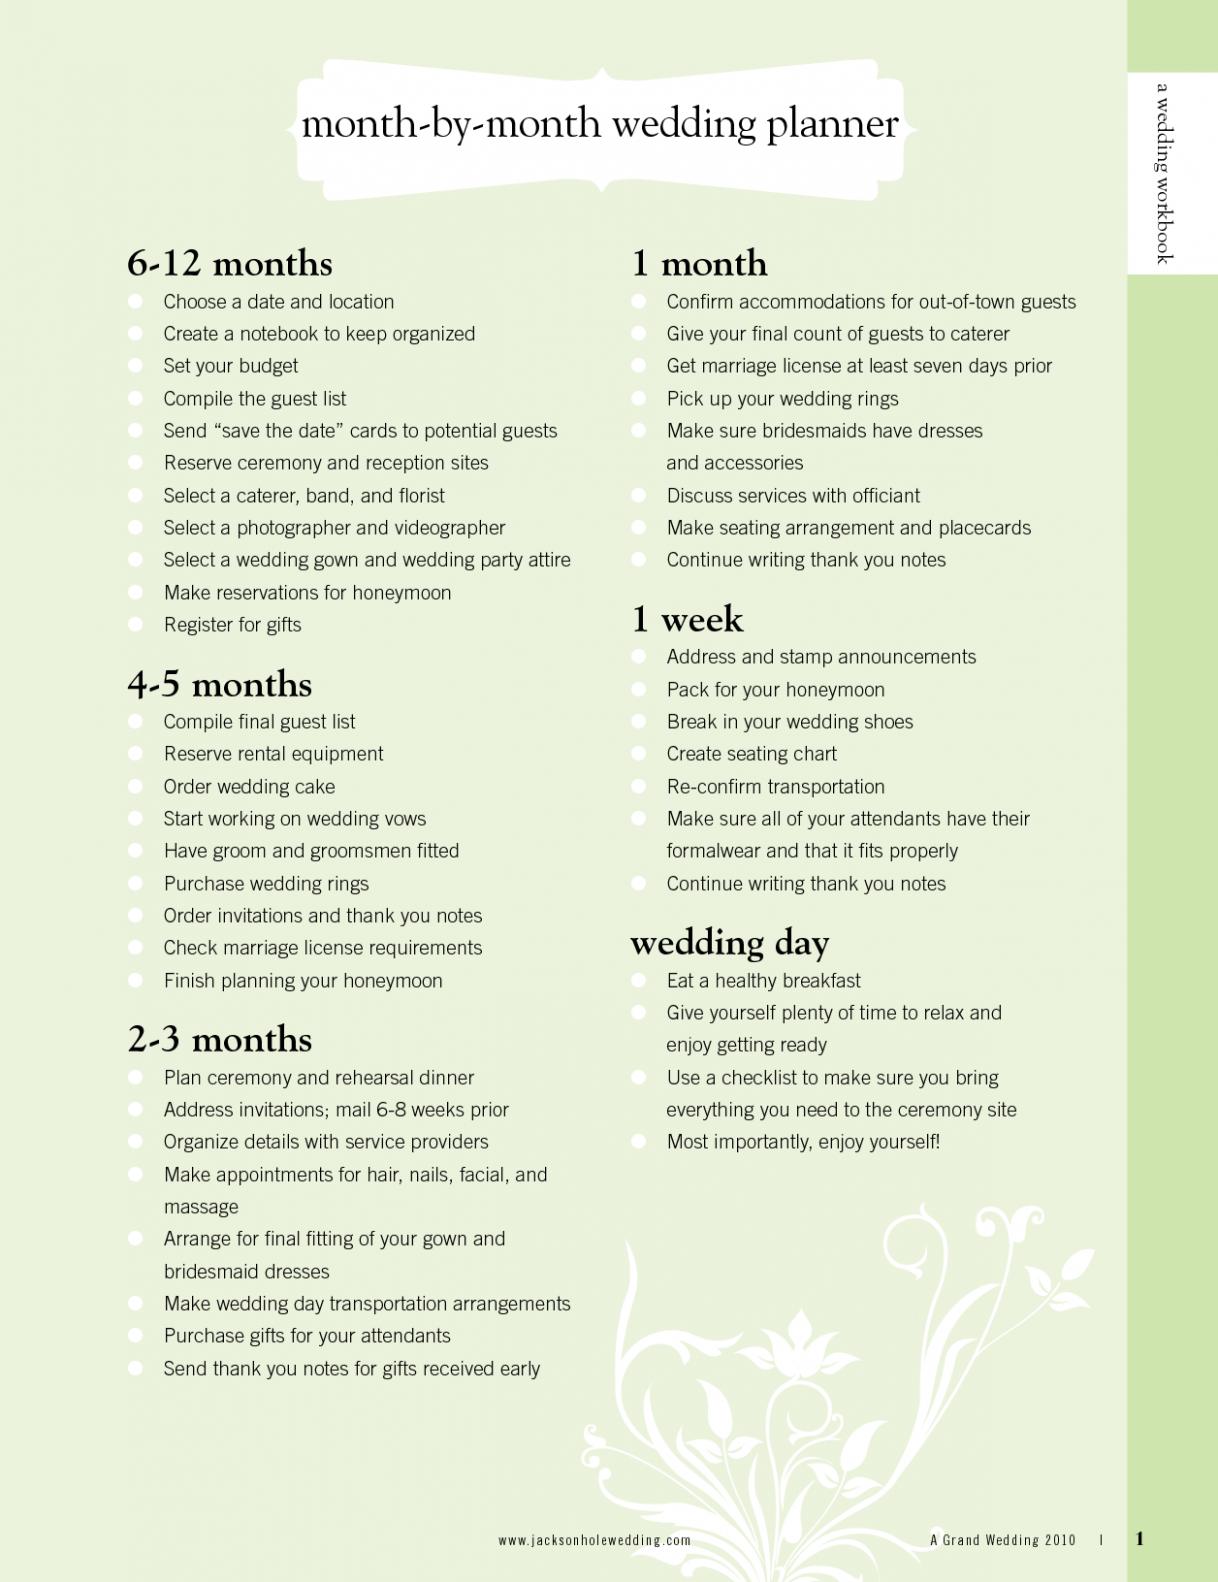 Wedding Checklist 14 Months Brides